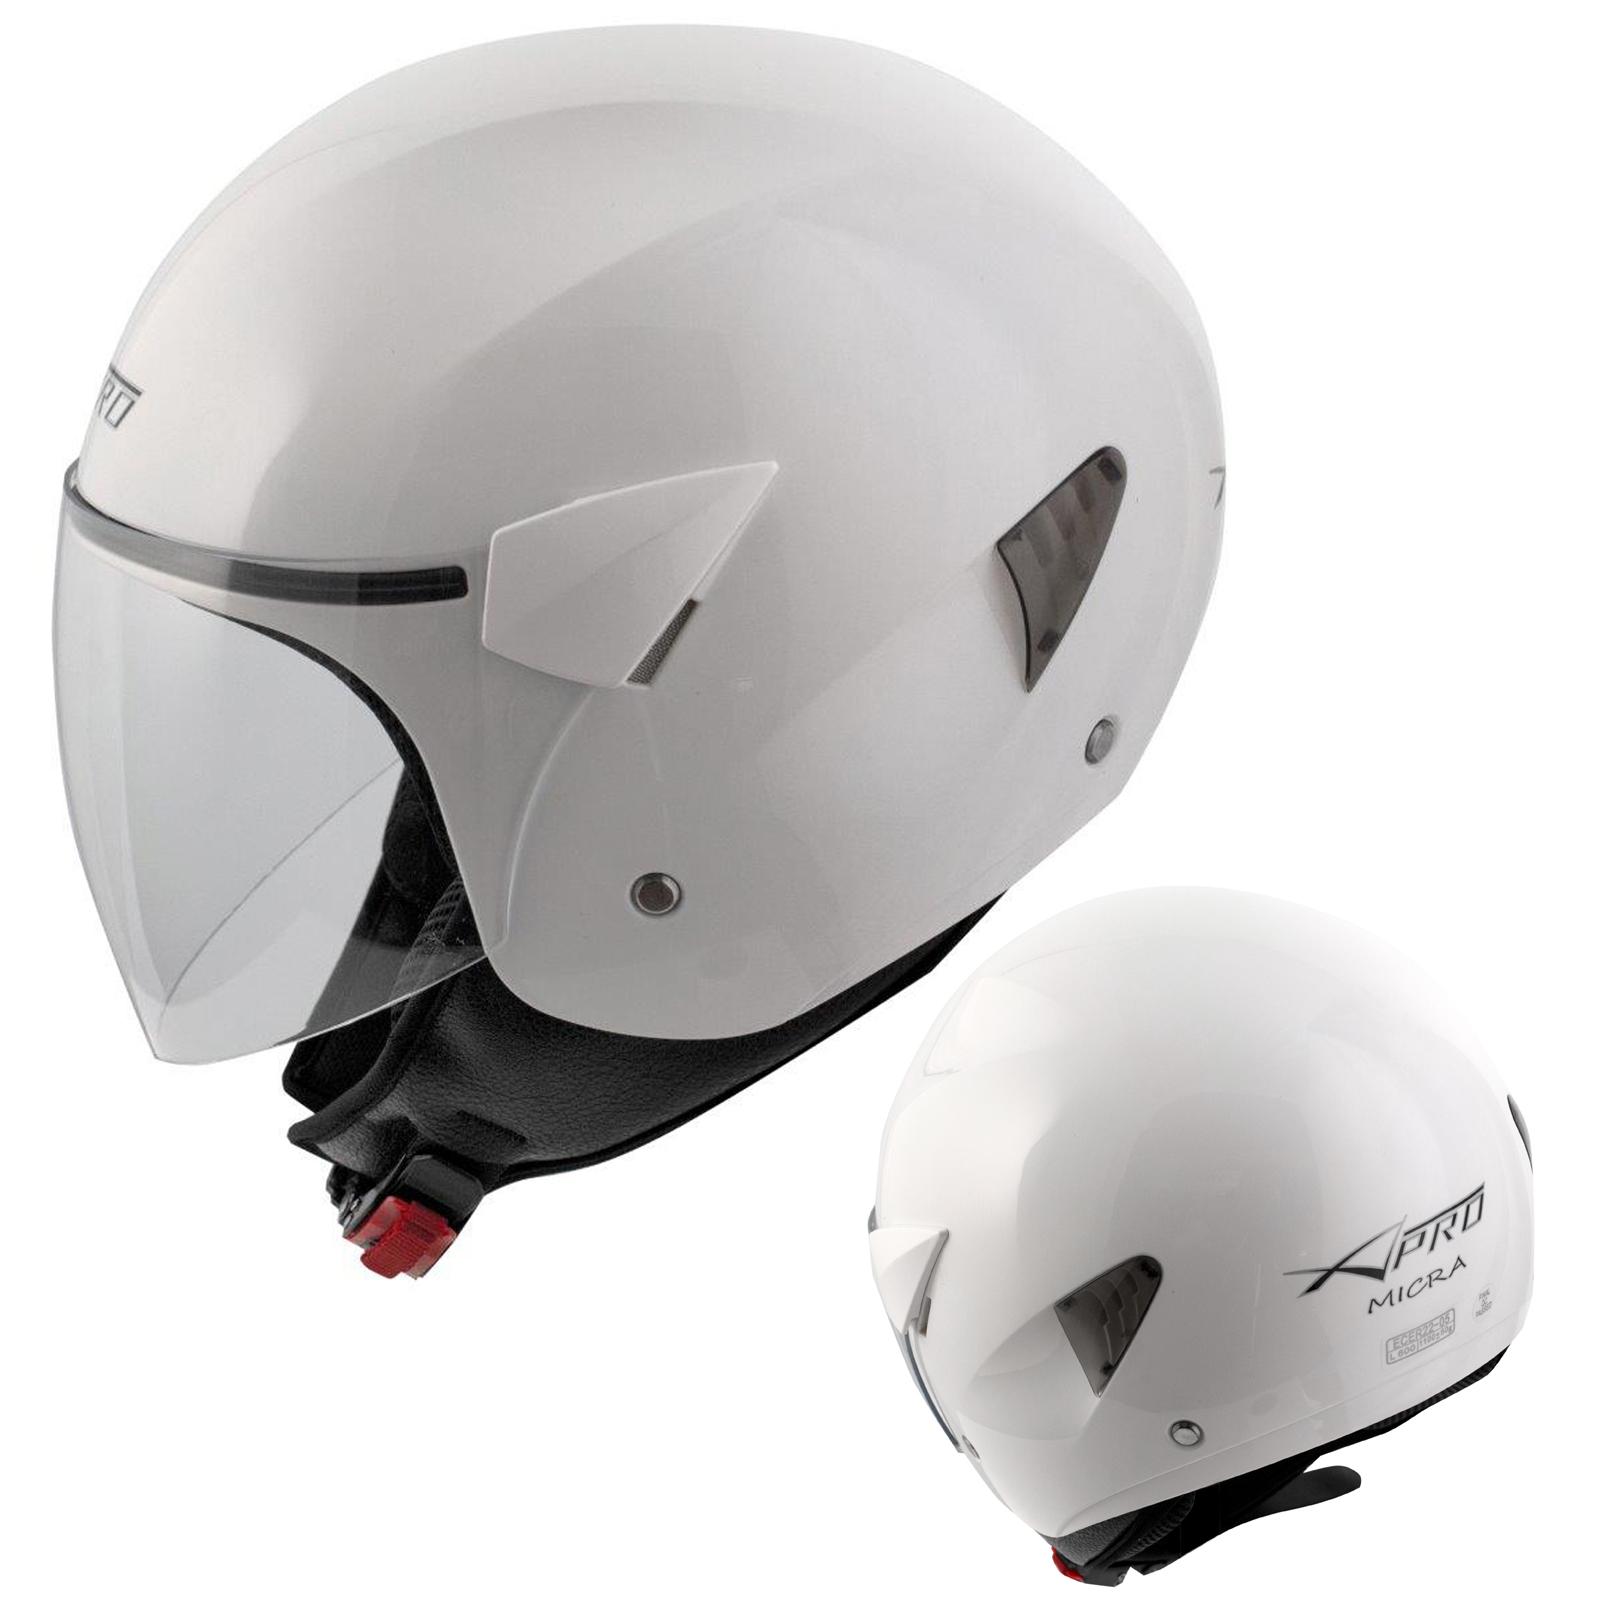 Casque-Moto-Scooter-Ville-Jet-Visiere-Longue-Approuve-ECE-22-05-Blanc